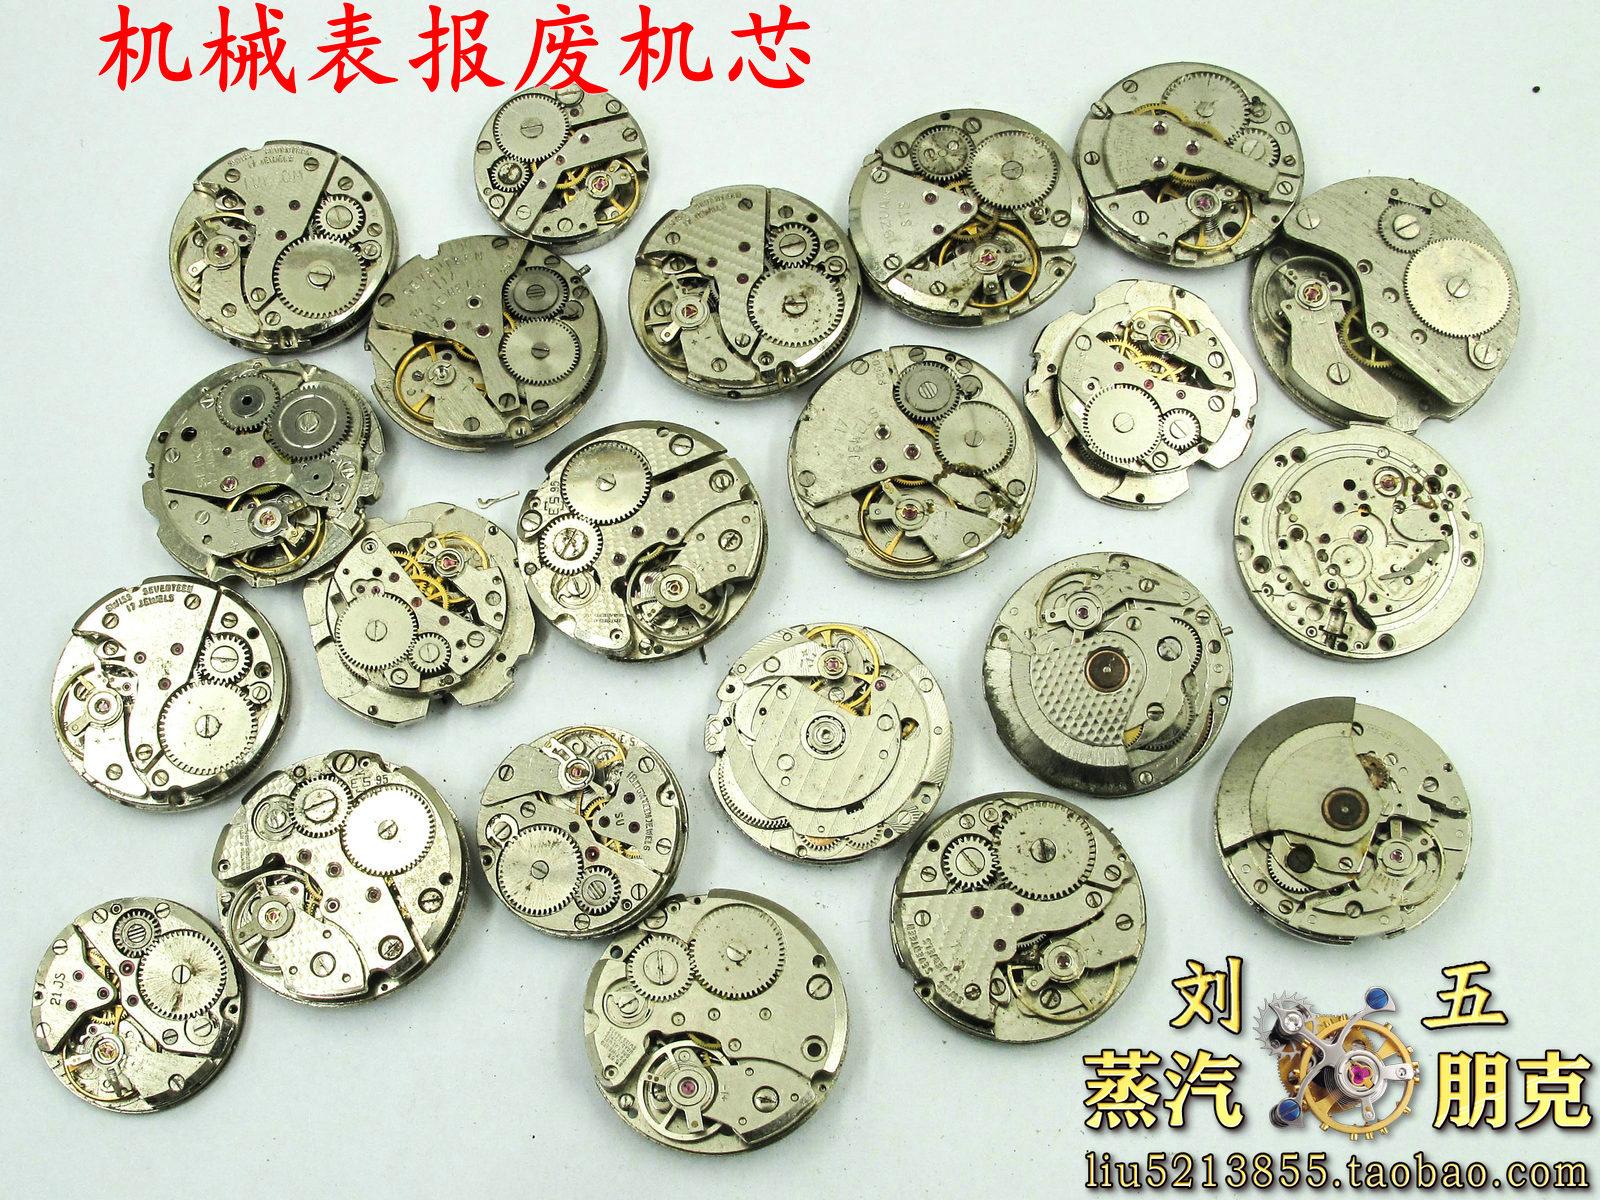 手工DIY机械机芯报废手表配件蒸汽朋克昆虫材料手工配件刘五手工